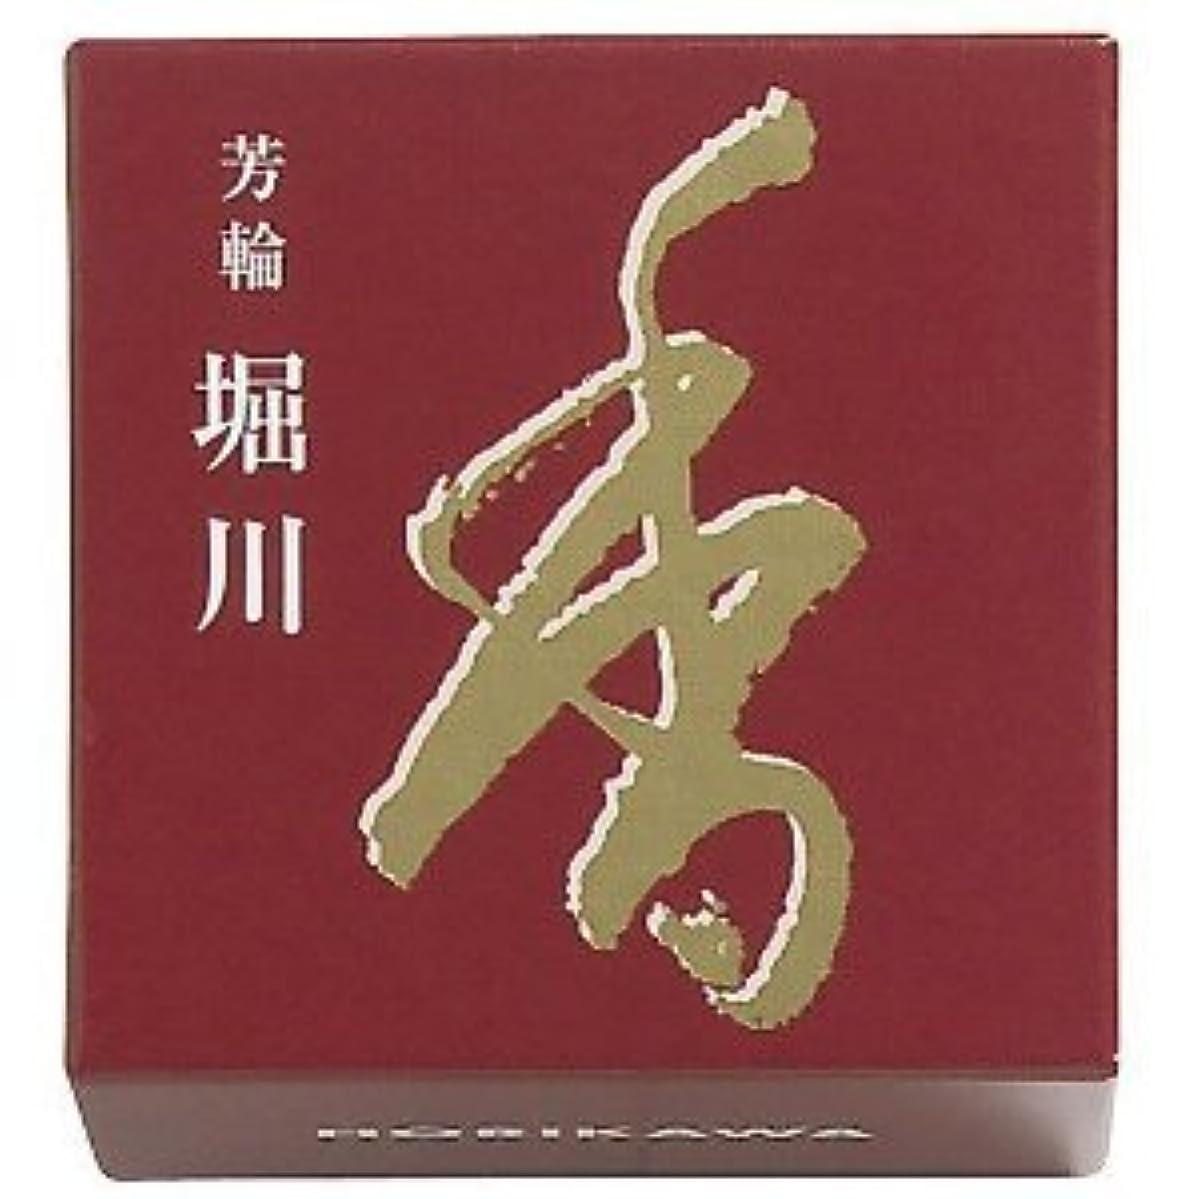 特許不良品好み松栄堂 芳輪 堀川 渦巻型10枚入